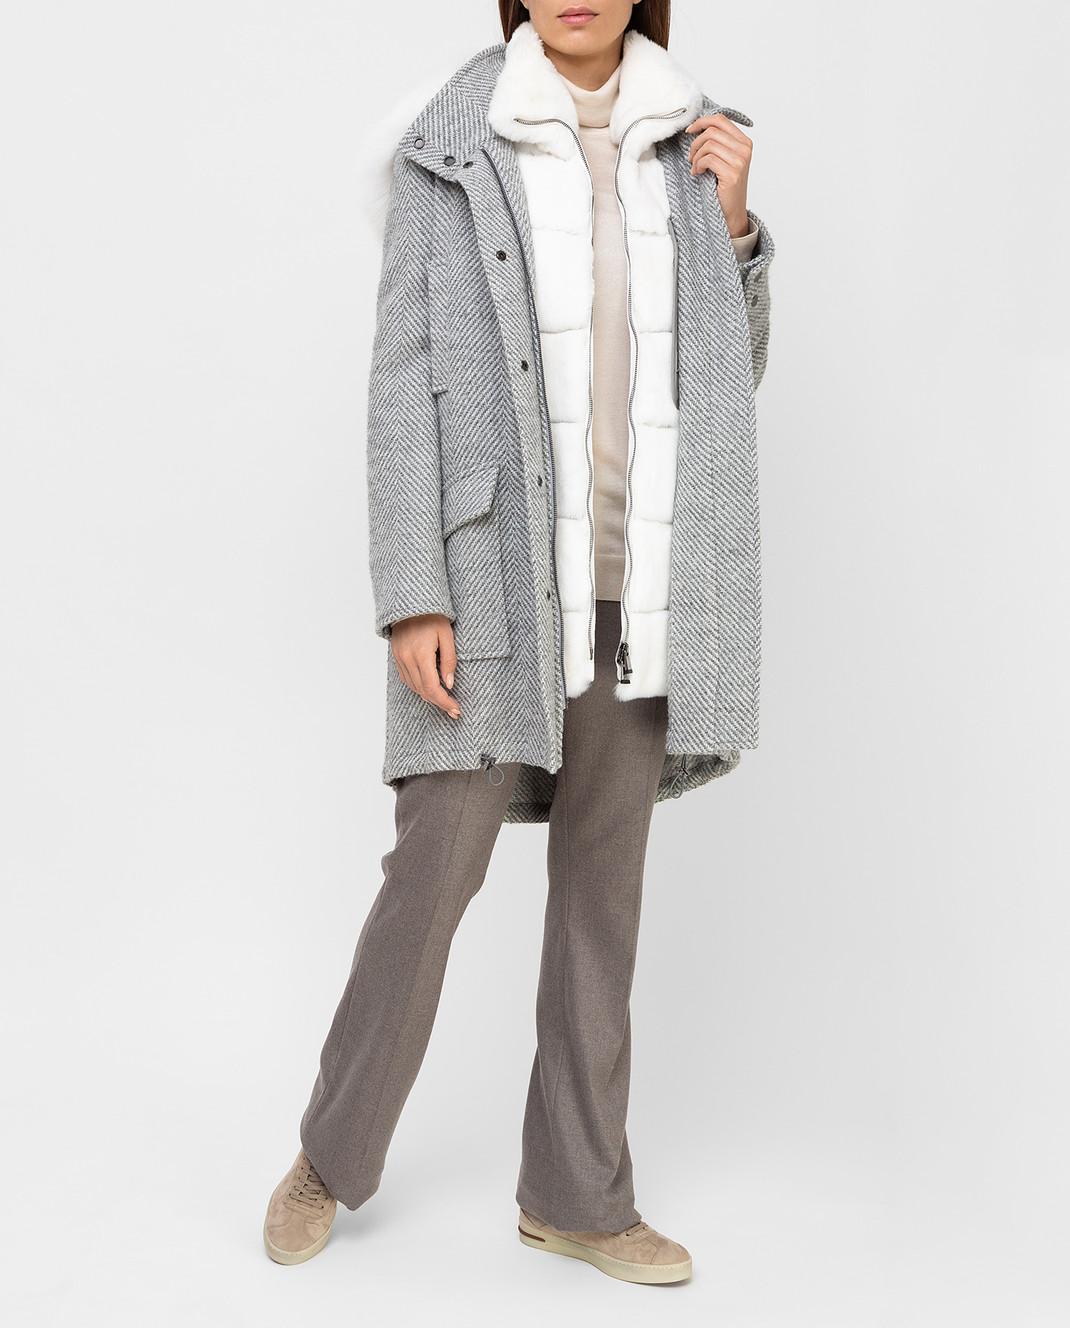 Giuliana Teso Серая парка из шерсти и альпаки с мехом лисы 84QS590 изображение 2